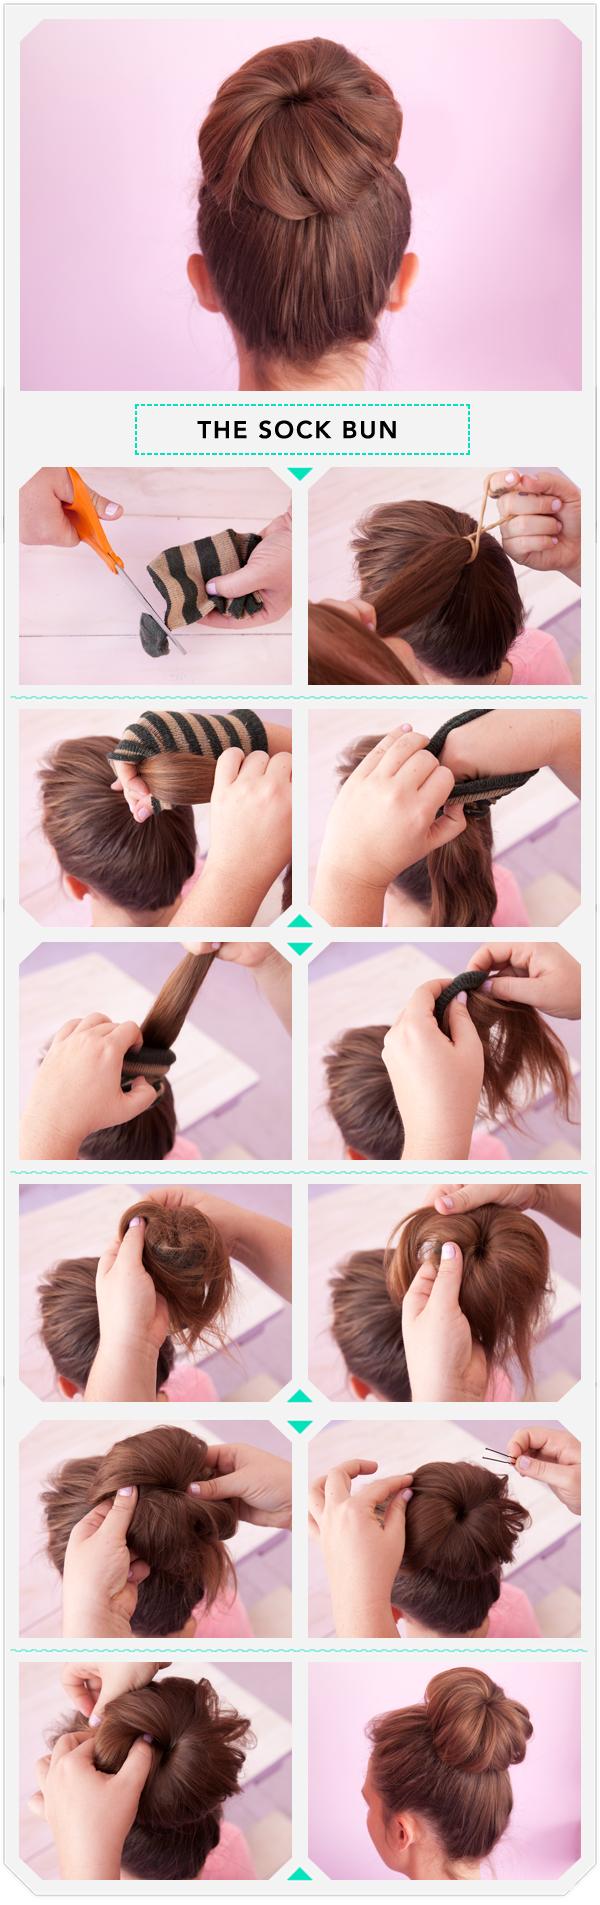 Как сделать гульку на голове на короткие волосы8